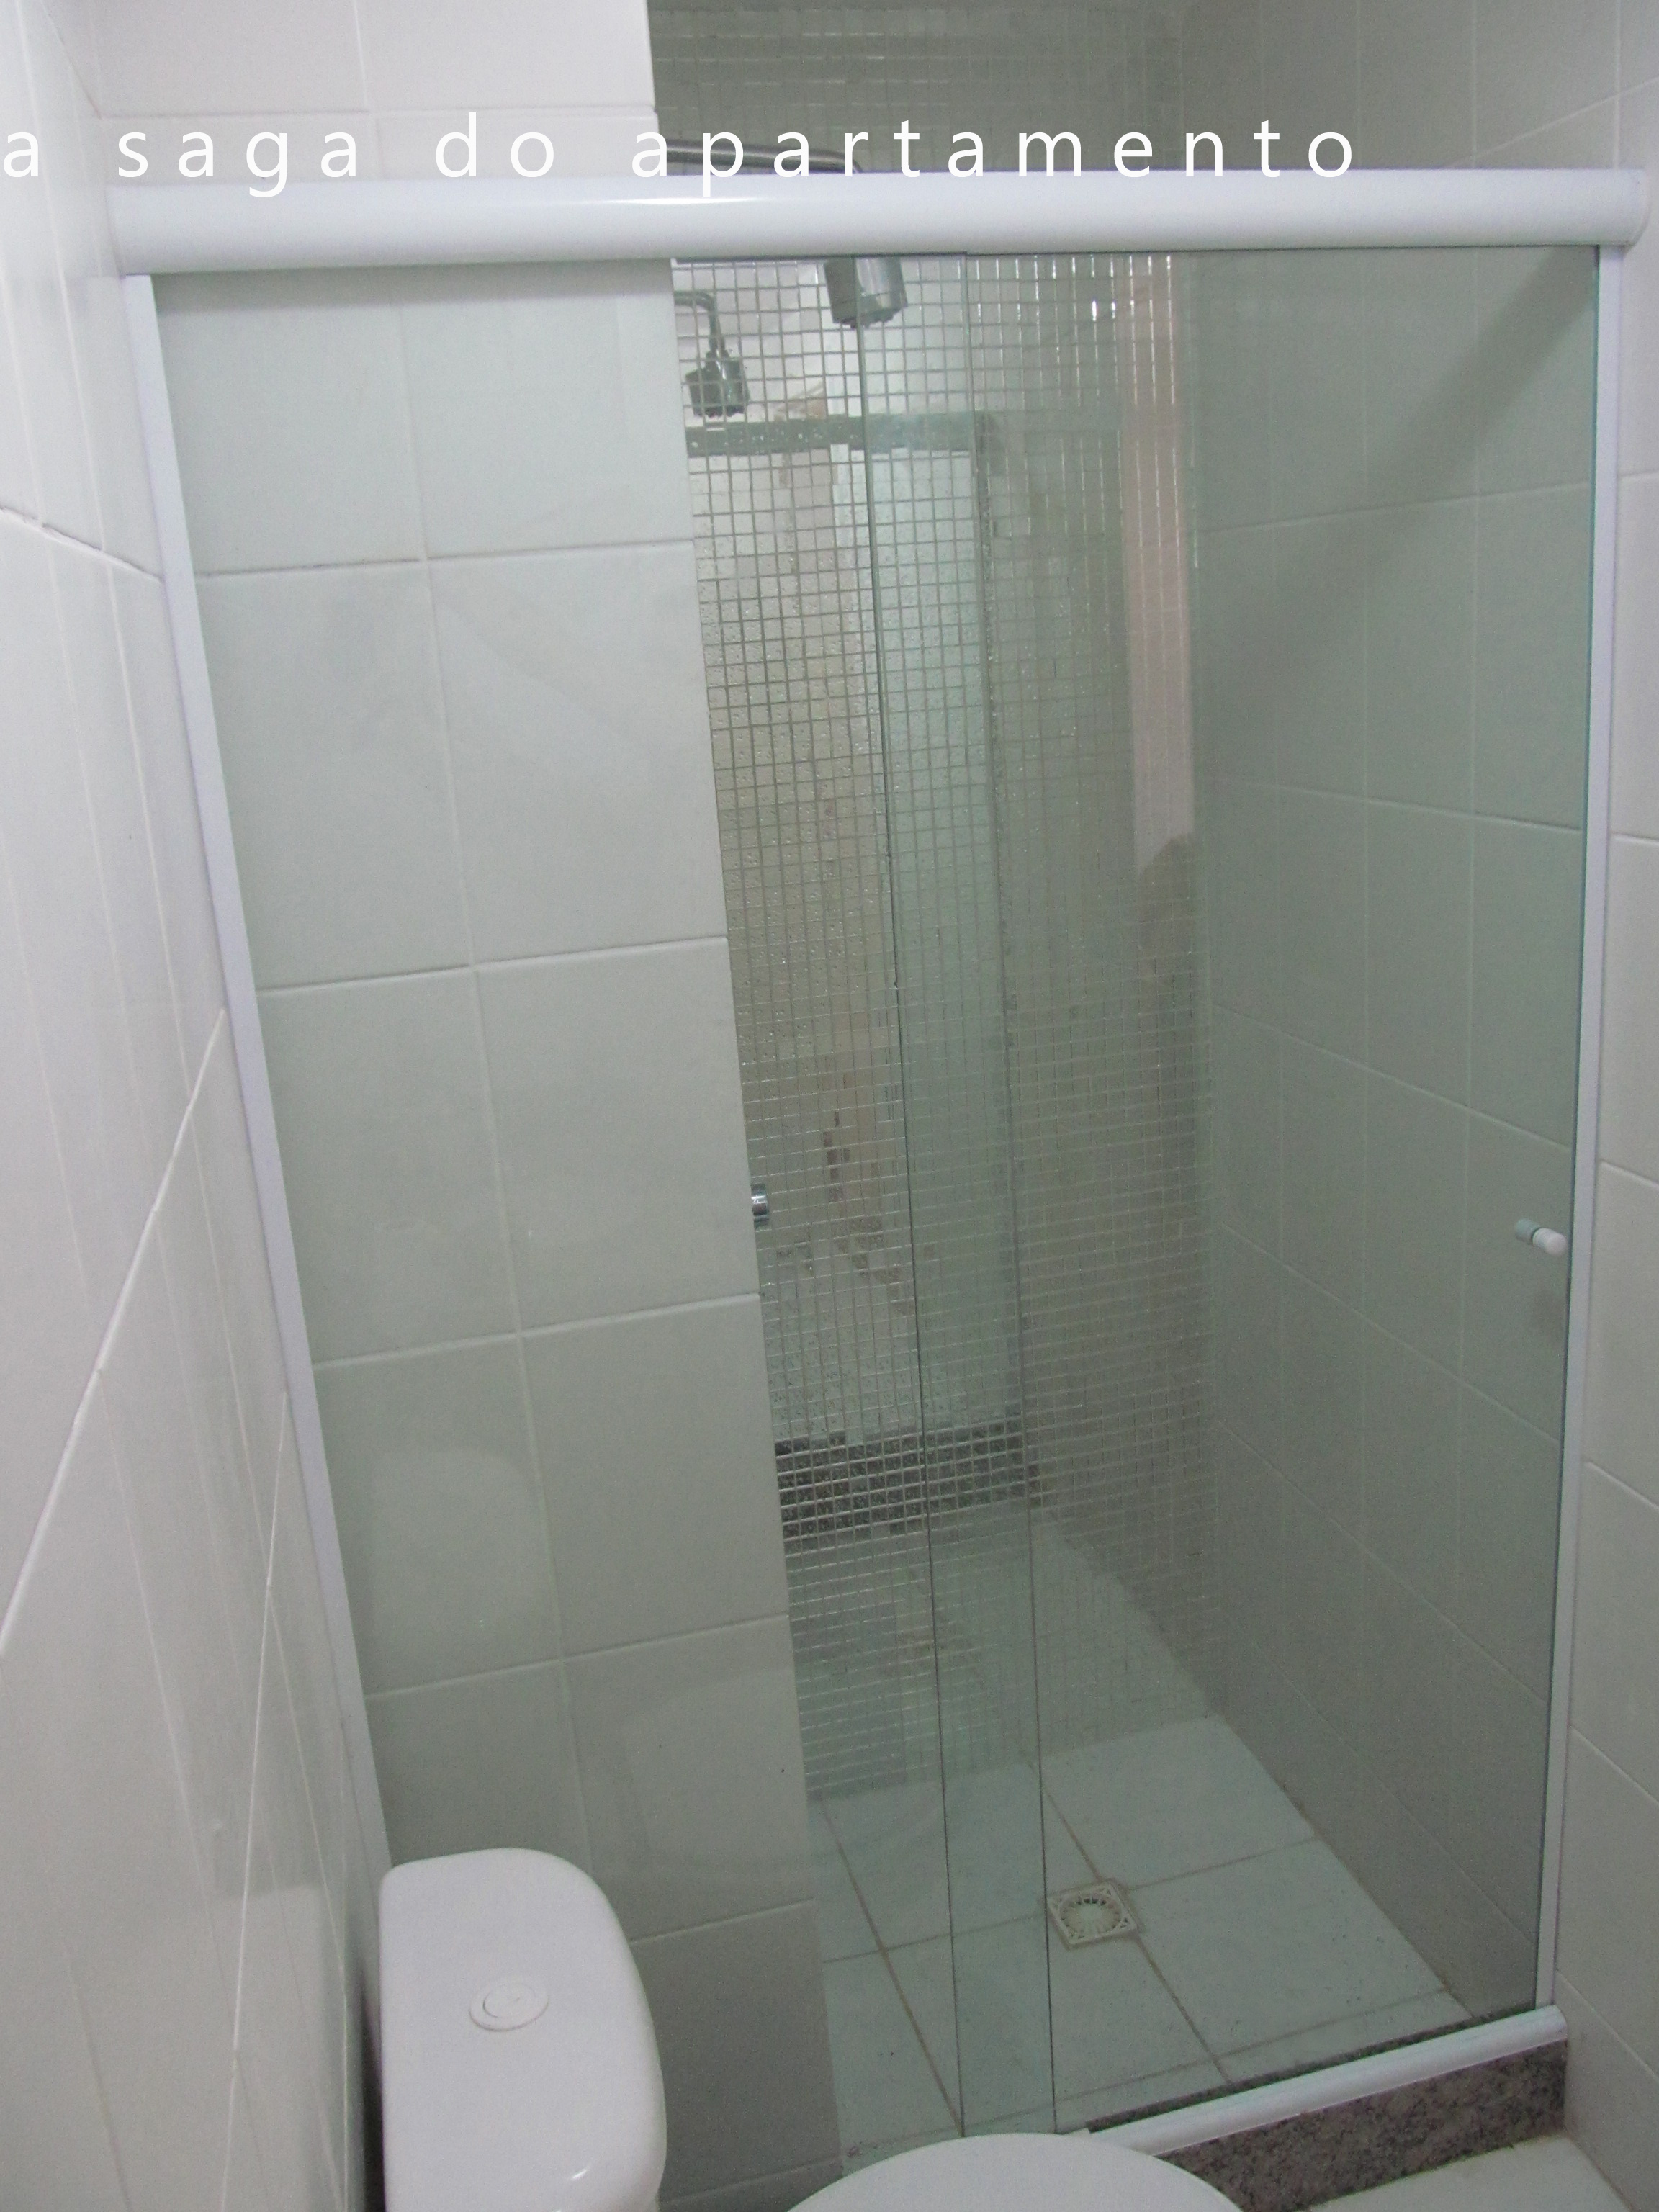 Box Blindex com Porta de Correr a saga do apartamento #44423D 2304x3072 Banheiro De Blindex